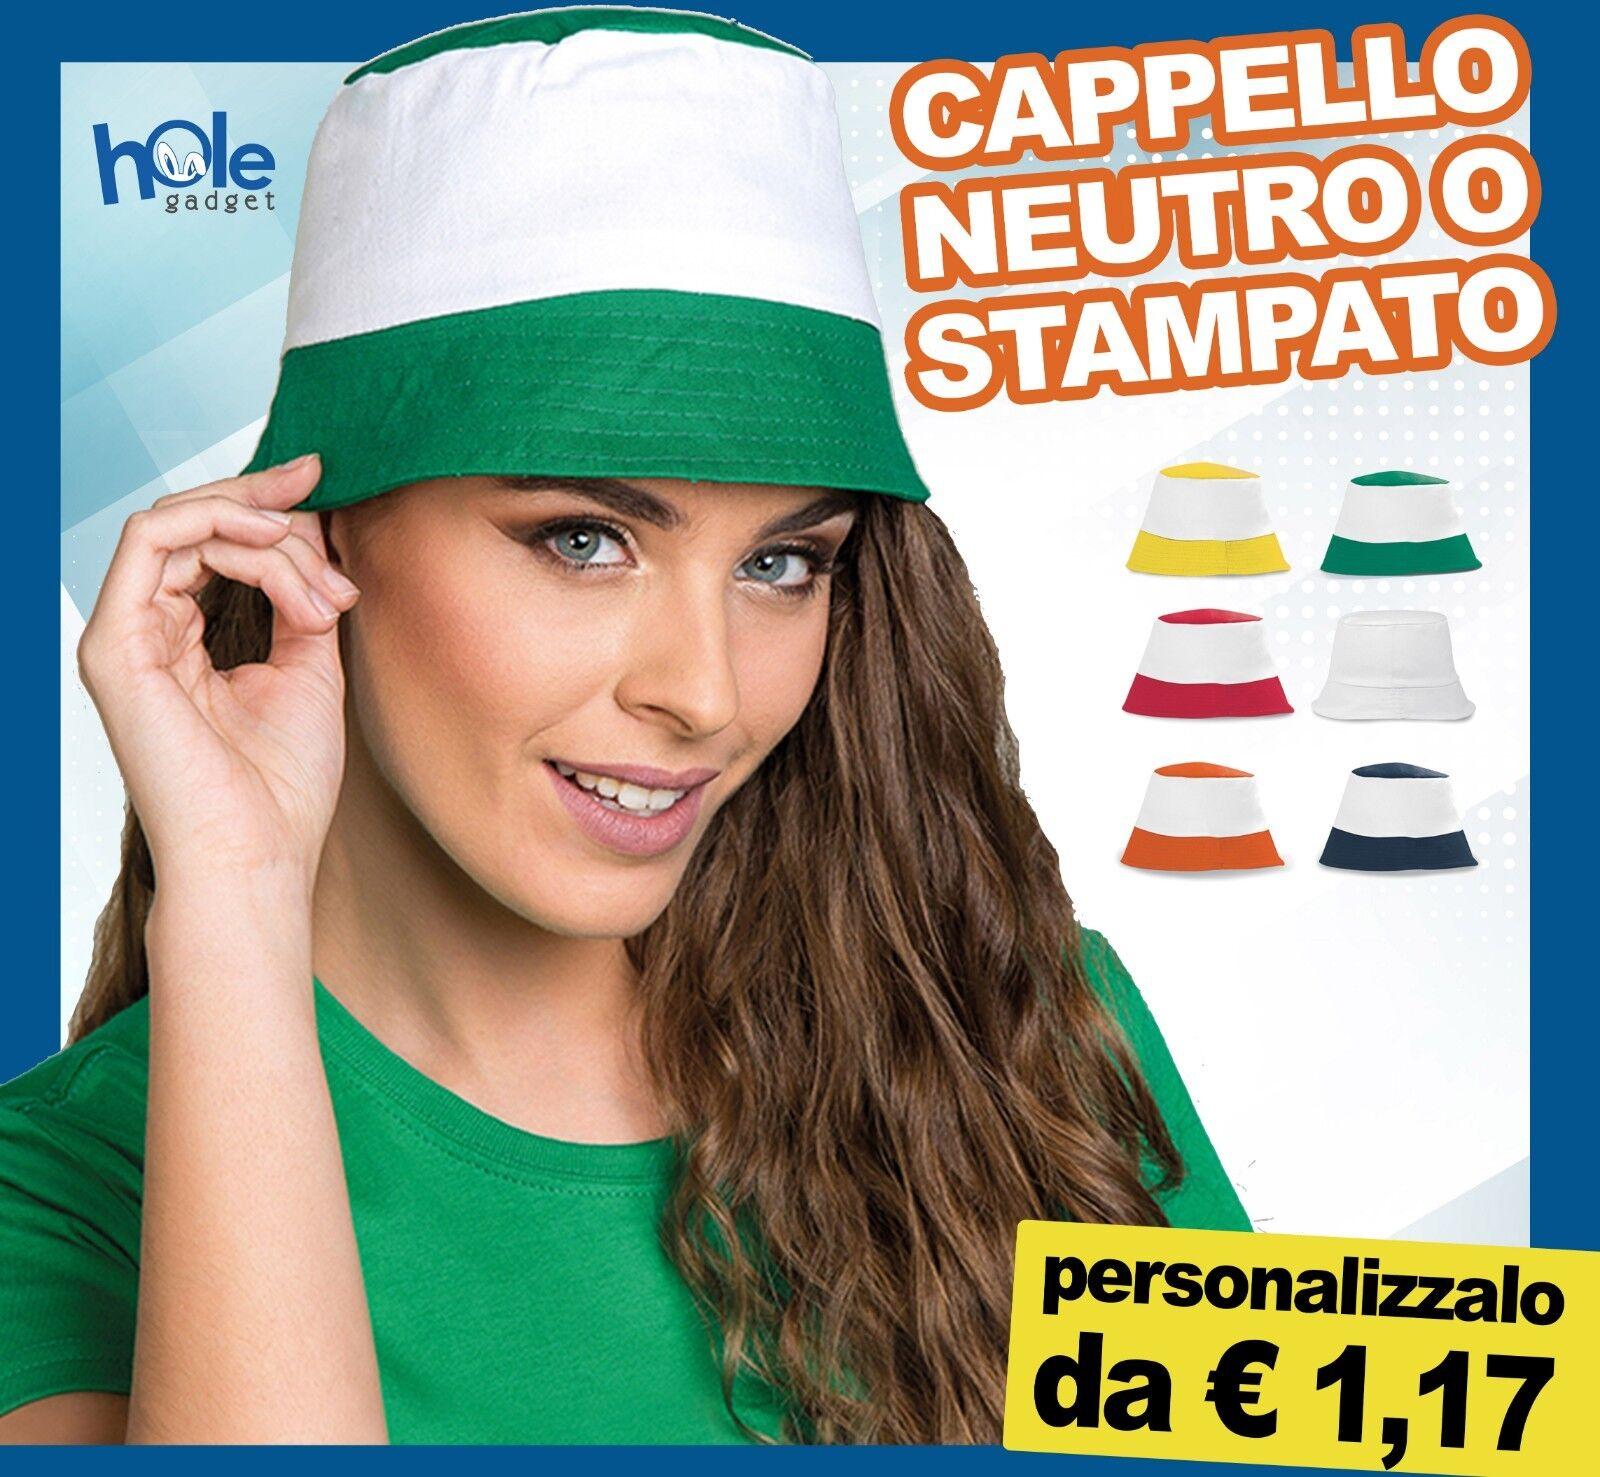 Cappello cappellini personalizzati personalizzato pescatore uomo donna bimbo